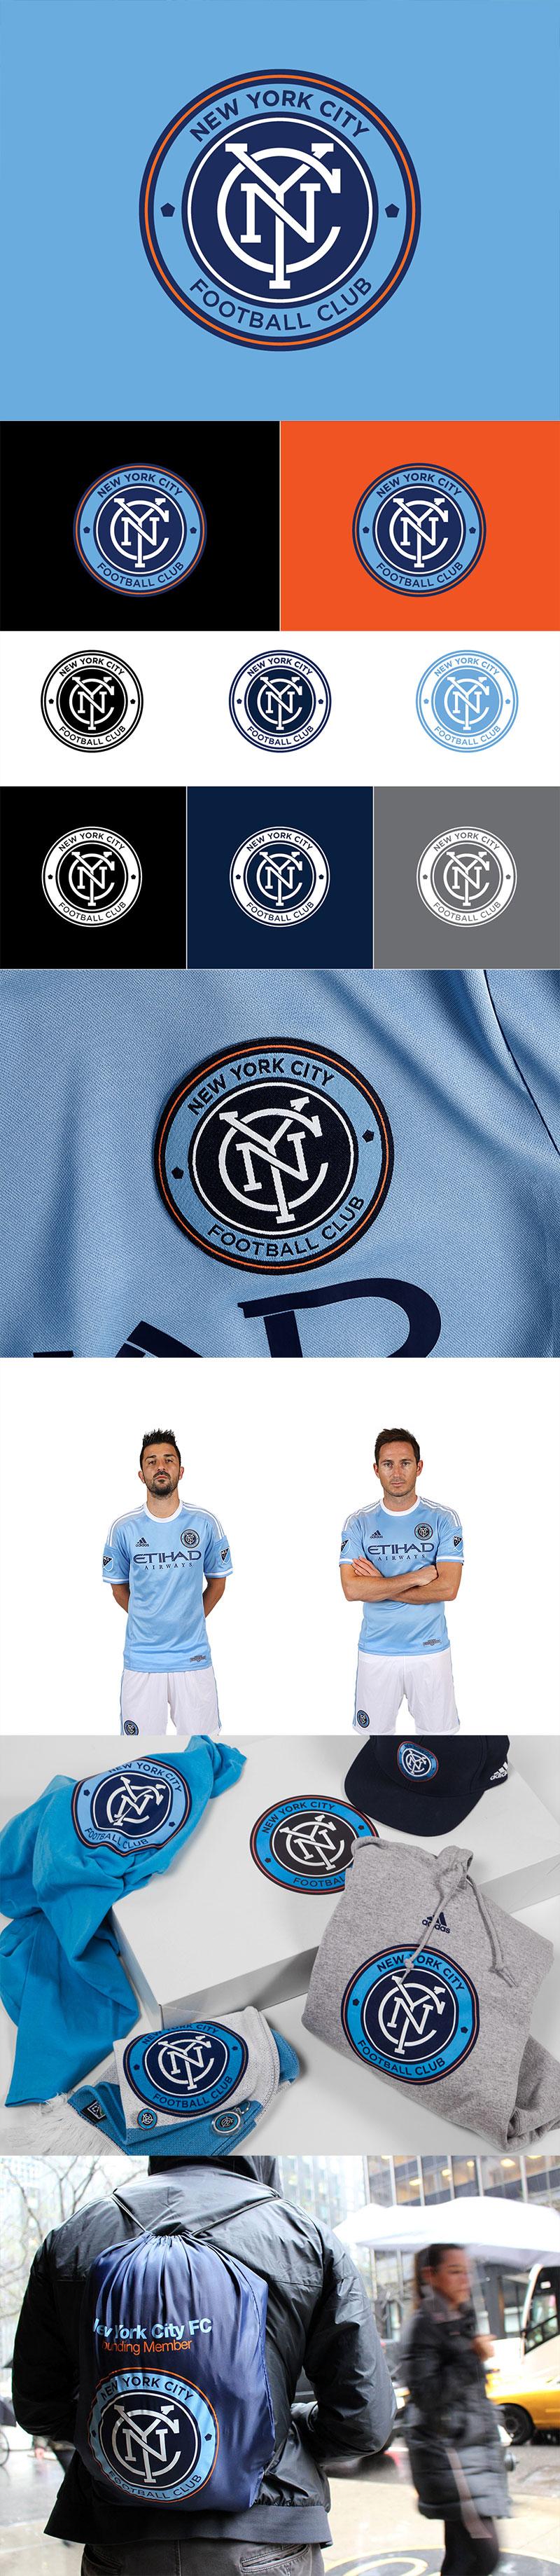 Diseños de la marca Football Club: New York City Football Club por Alfalfa Studio